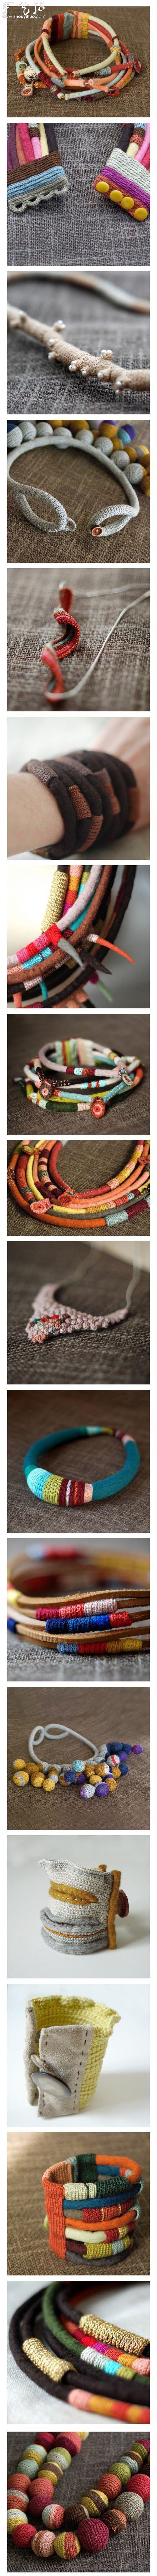 鉤針製作的精美手鏈和項鏈作品欣賞